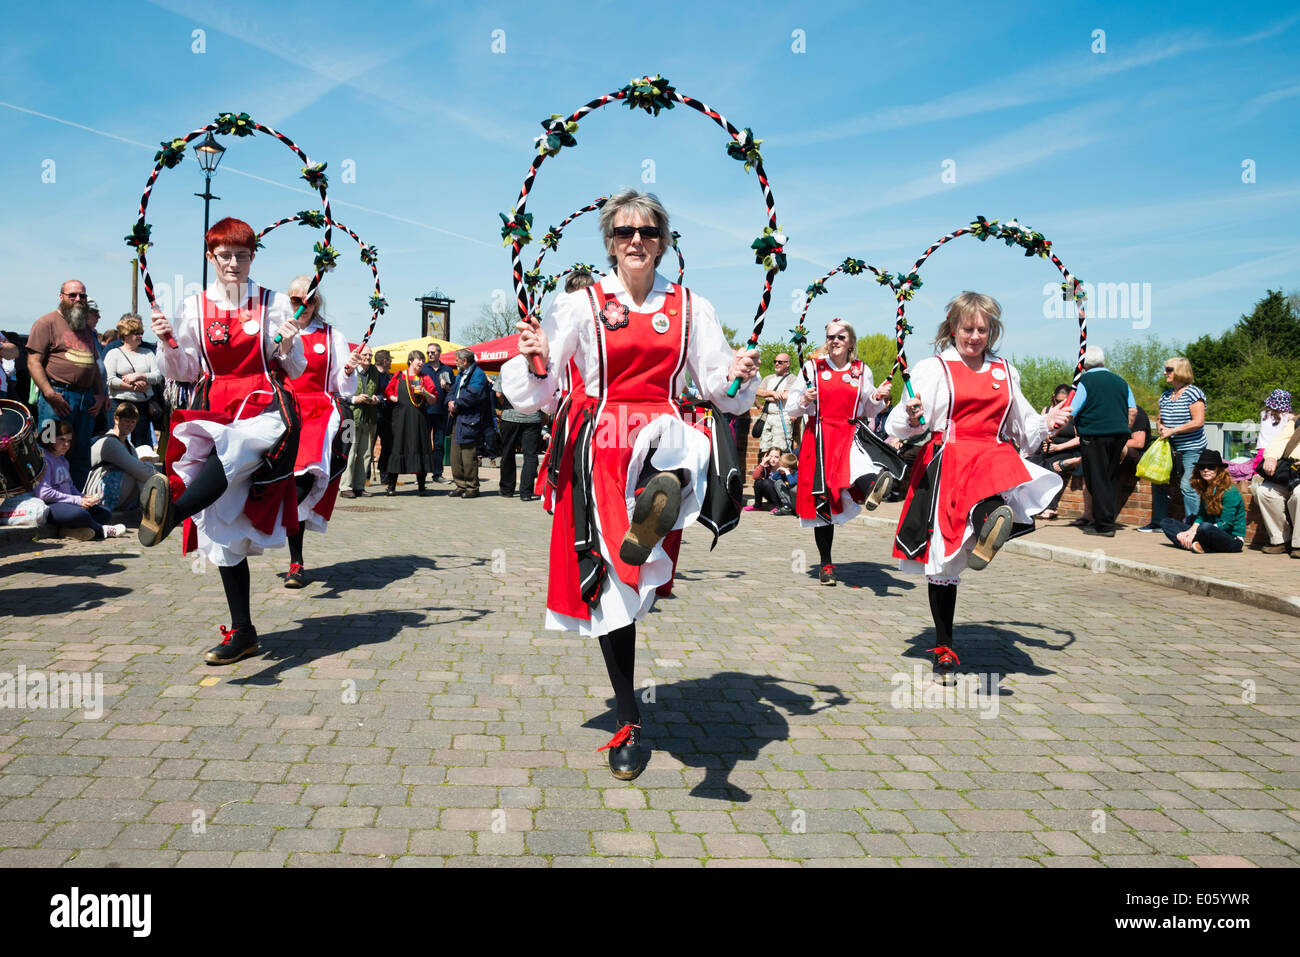 Upton en Severn, Worcestershire, Reino Unido. El 3 de mayo de 2014 bailarines folclóricos entretener a la gente Foto de stock